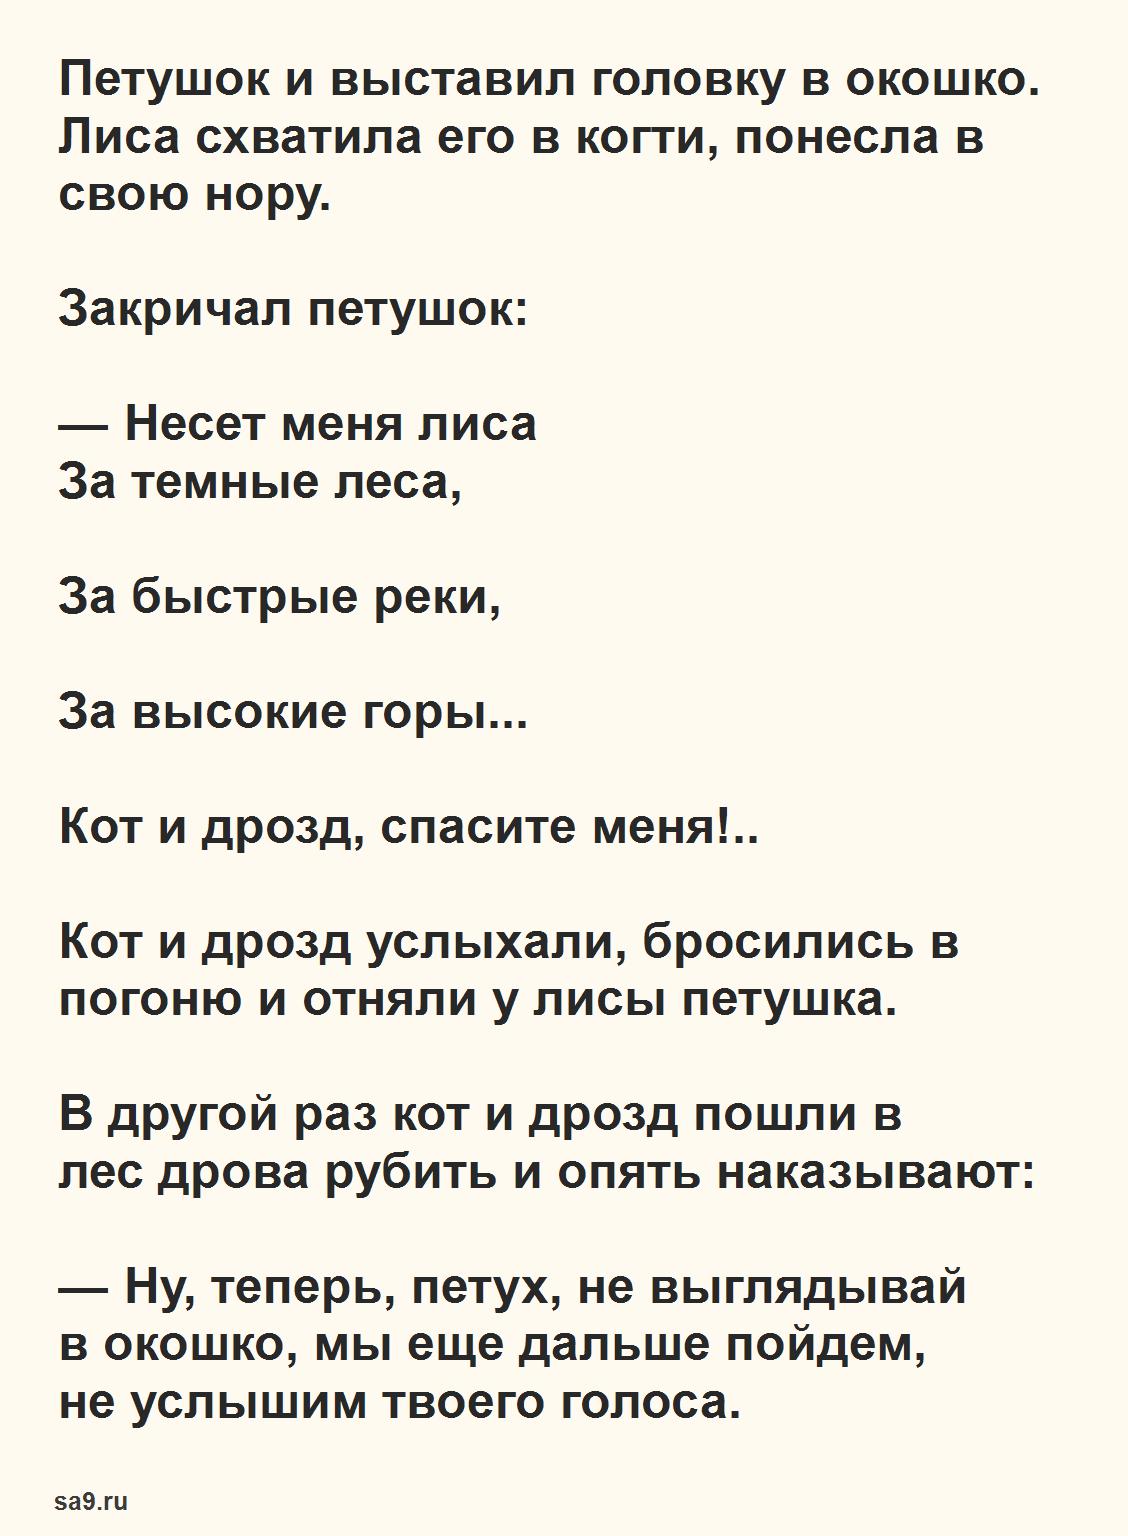 Русская народная сказка для детей – Петушок золотой гребешок